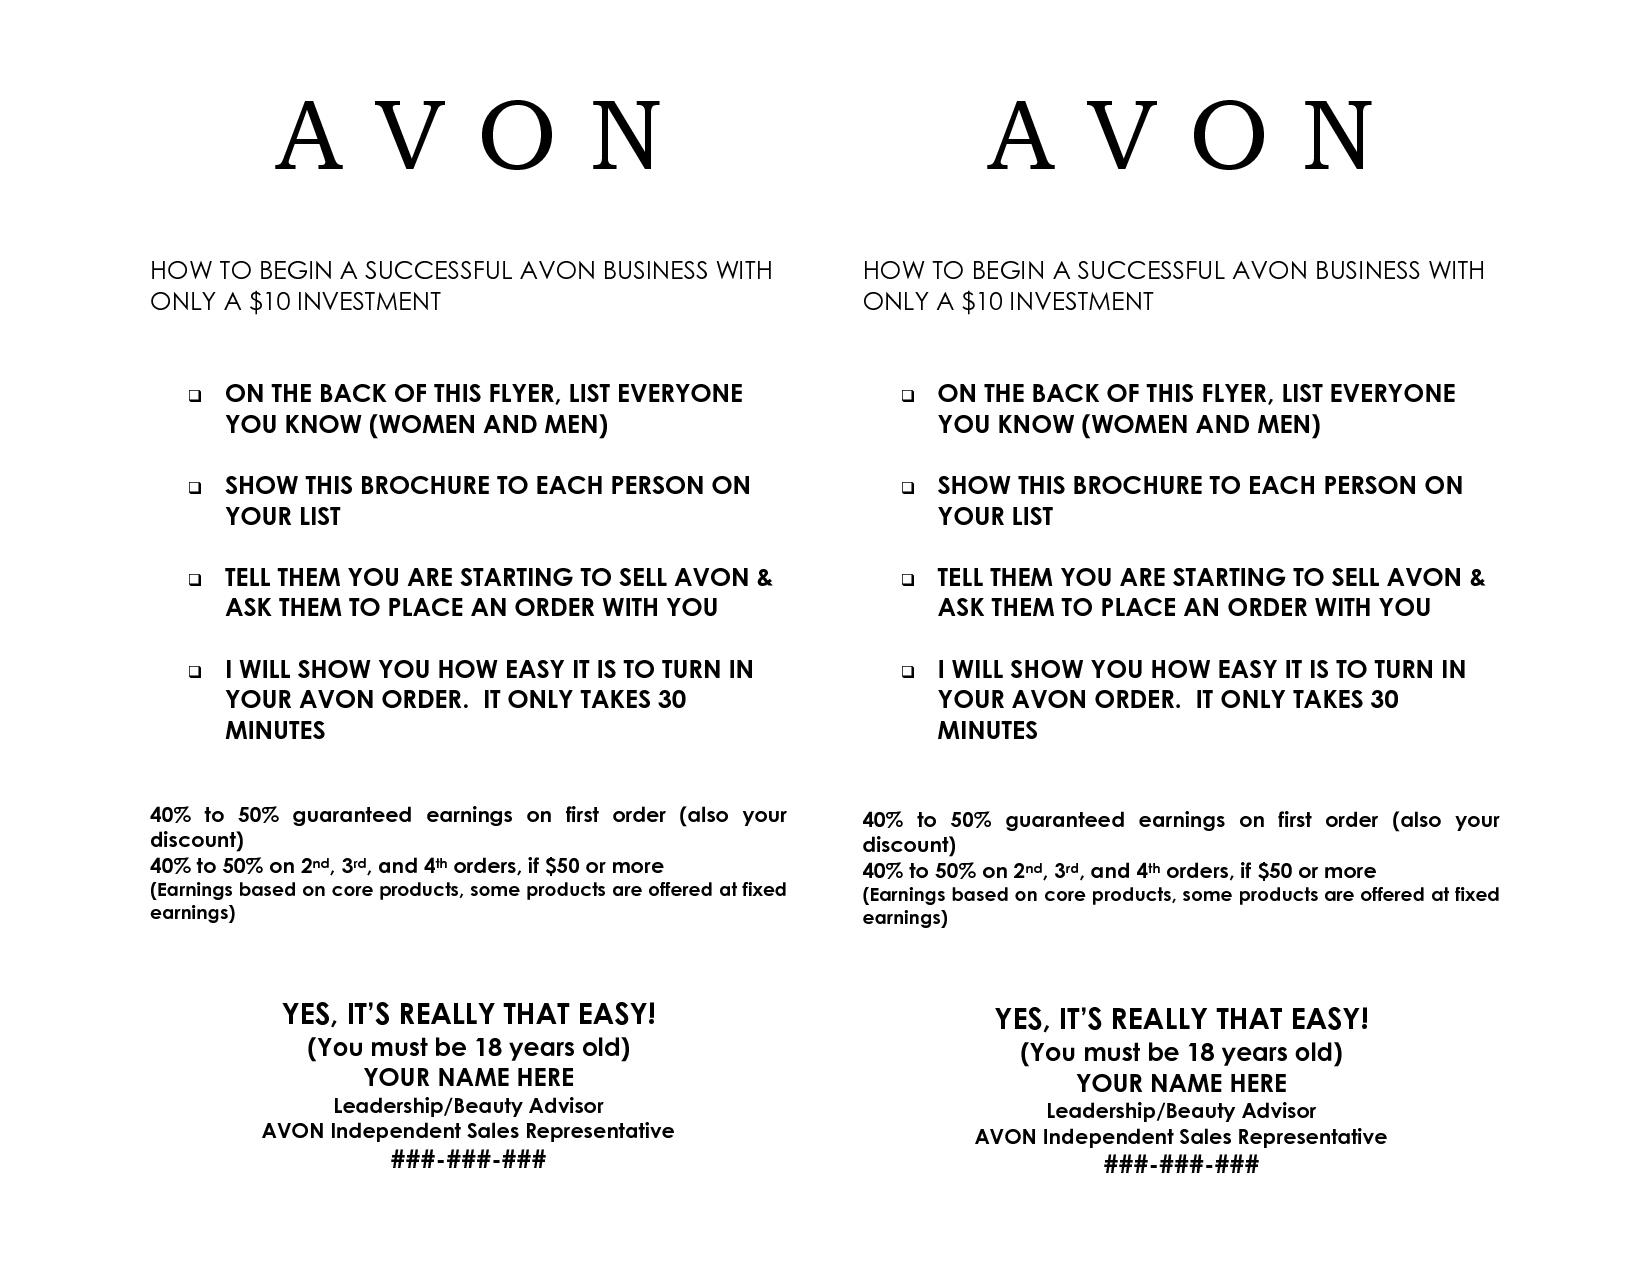 Avon Flyers Templates. Avon Flyers Templates How To Use Avon Samples - Free Printable Avon Flyers